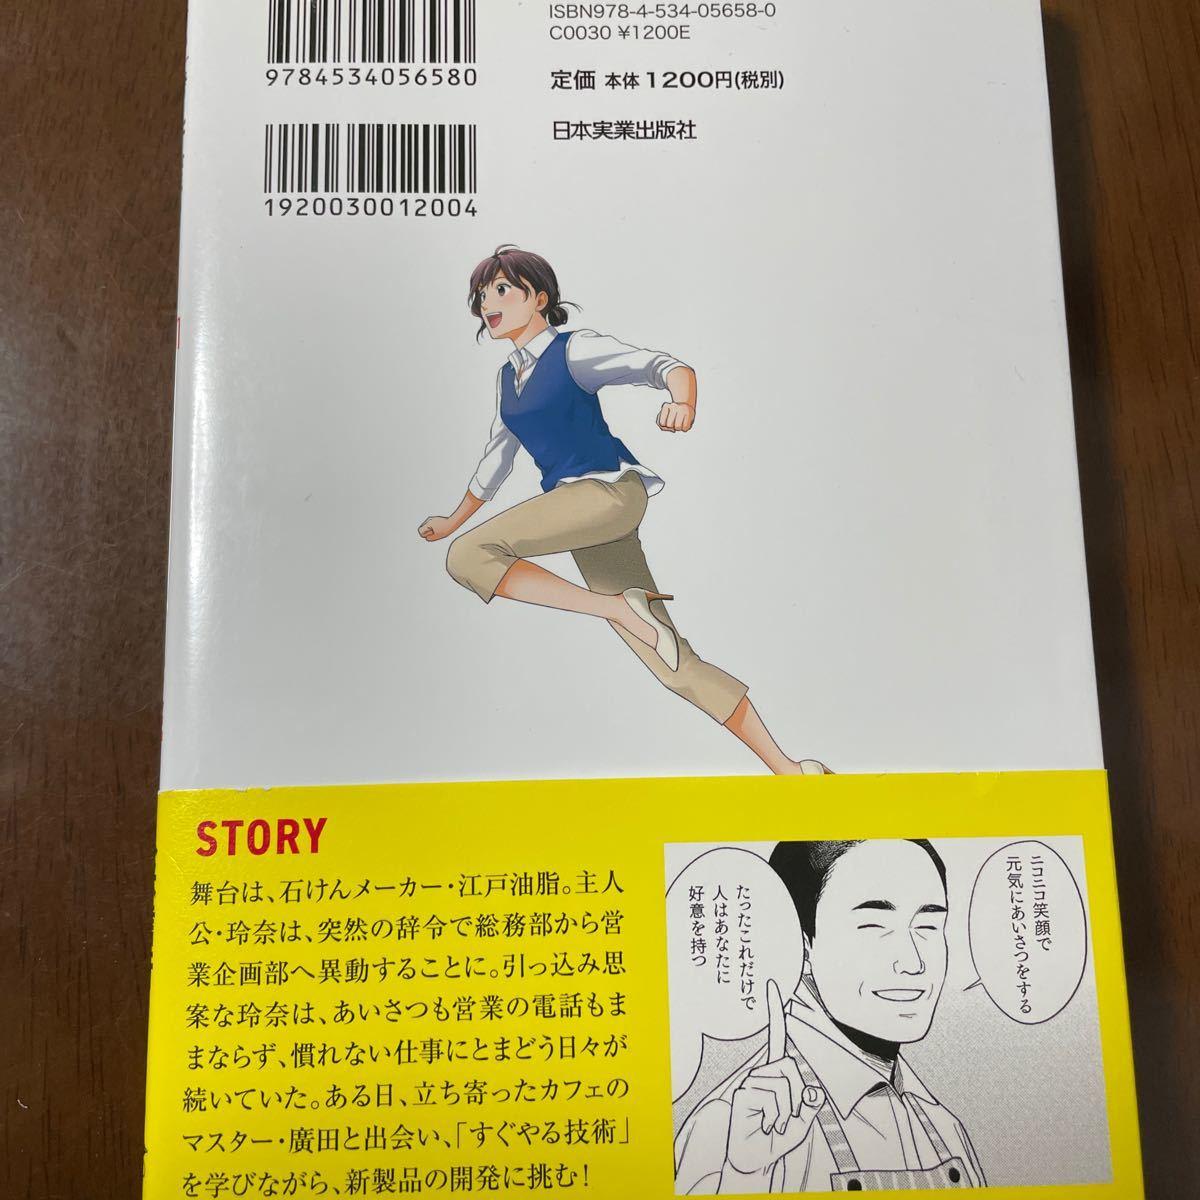 自己啓発本 「「すぐやる!」技術 マンガでわかる考えすぎて動けない人のための」